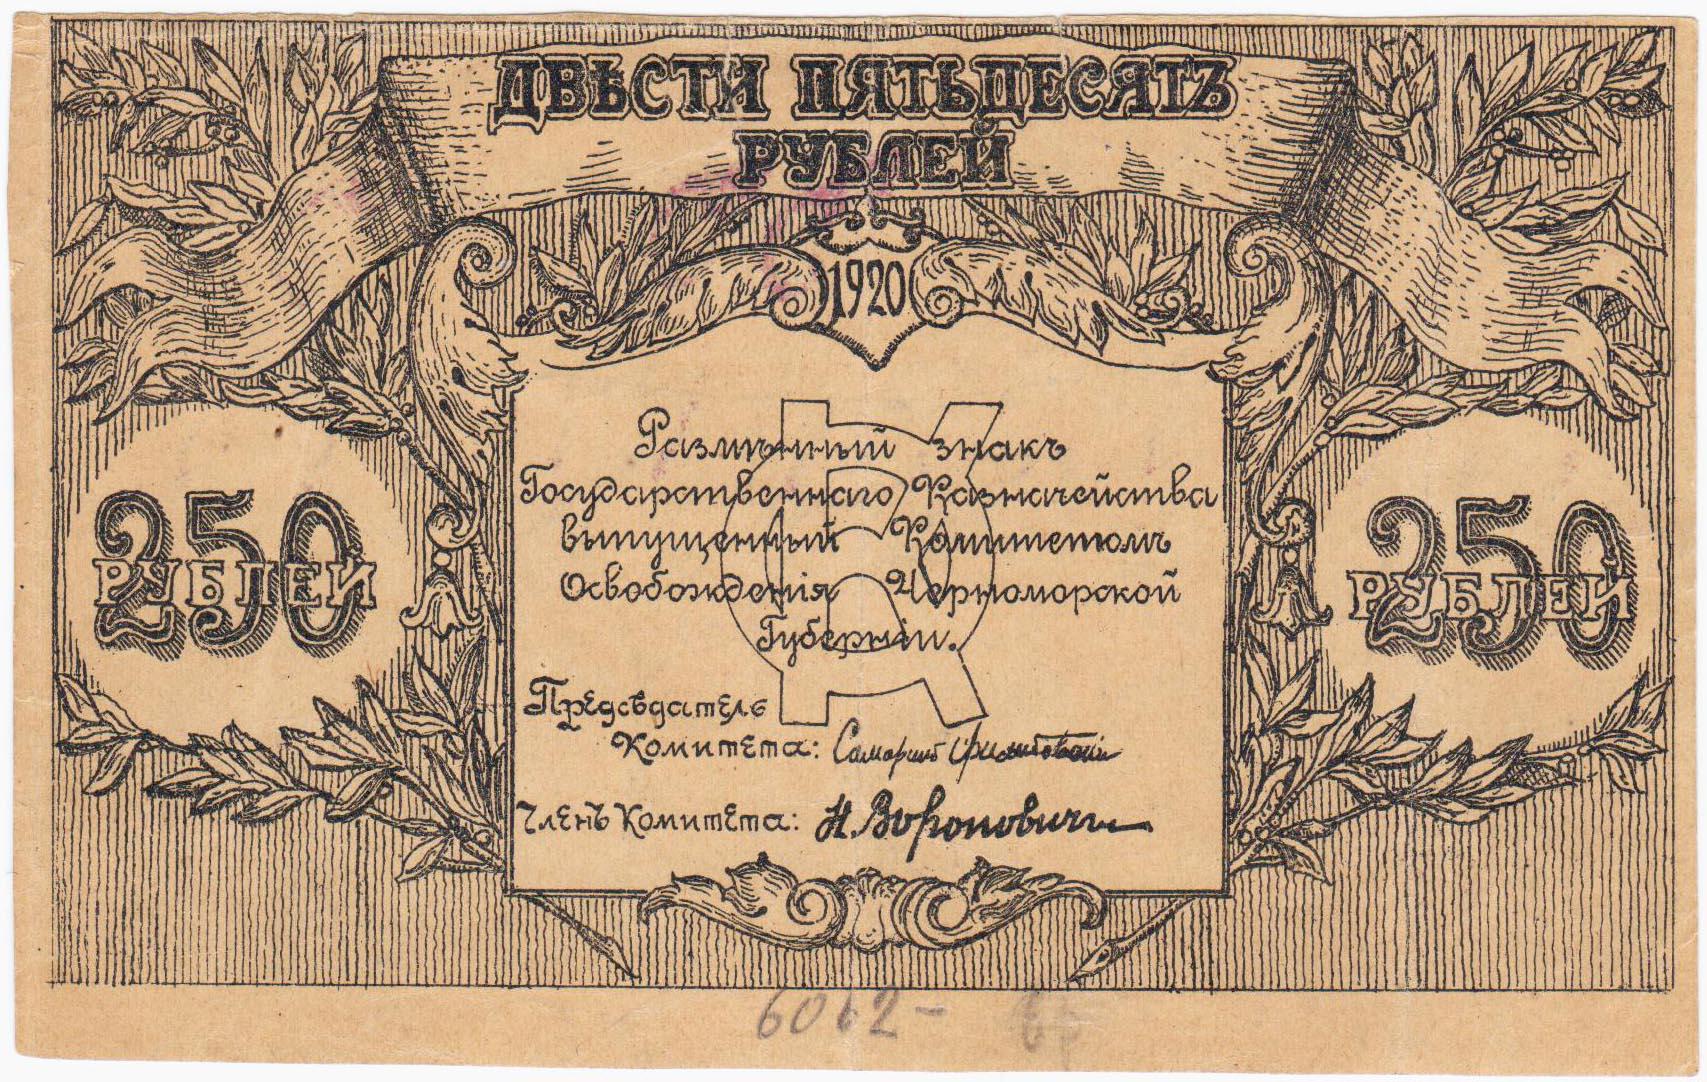 Сочинское городское управление. 1920 г. 250 рублей.jpg